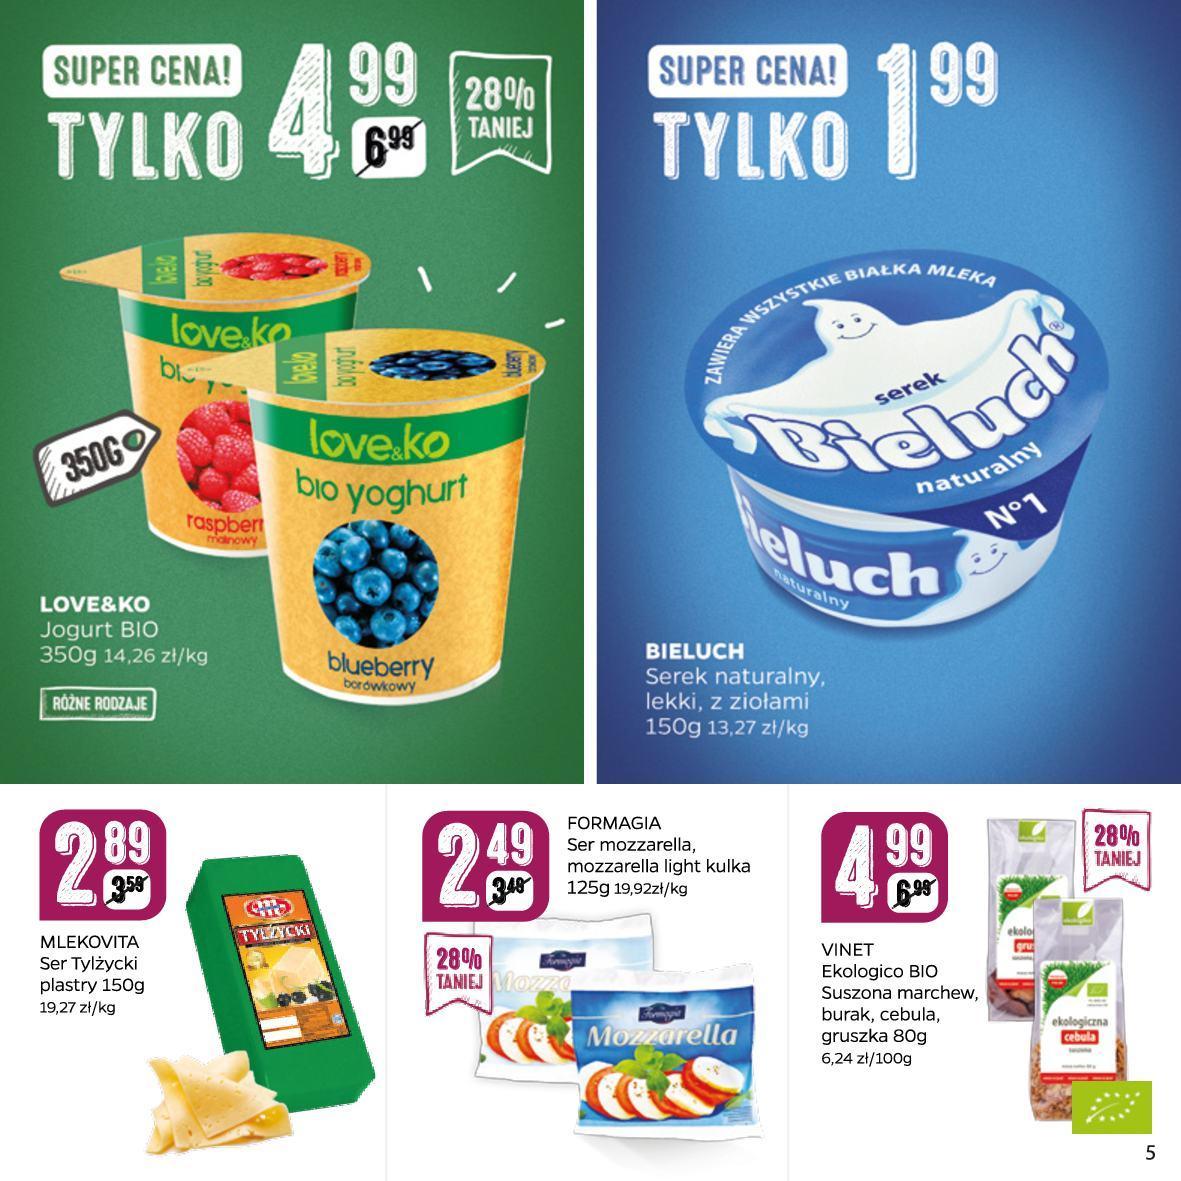 Gazetka promocyjna Frisco.pl do 17/07/2016 str.4